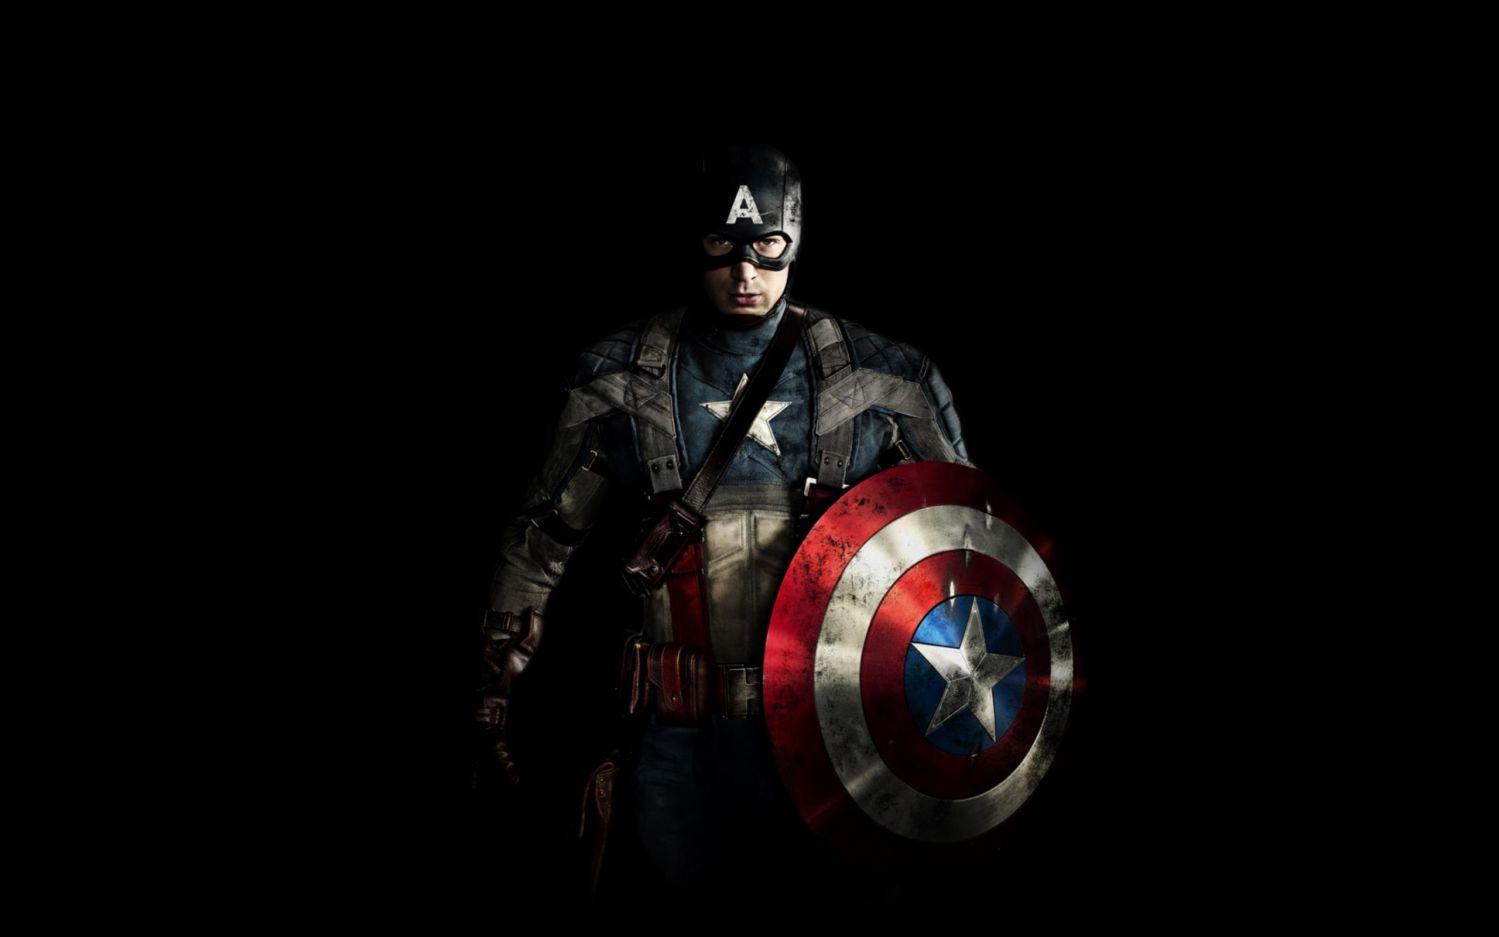 superheroes wallpapers 4k